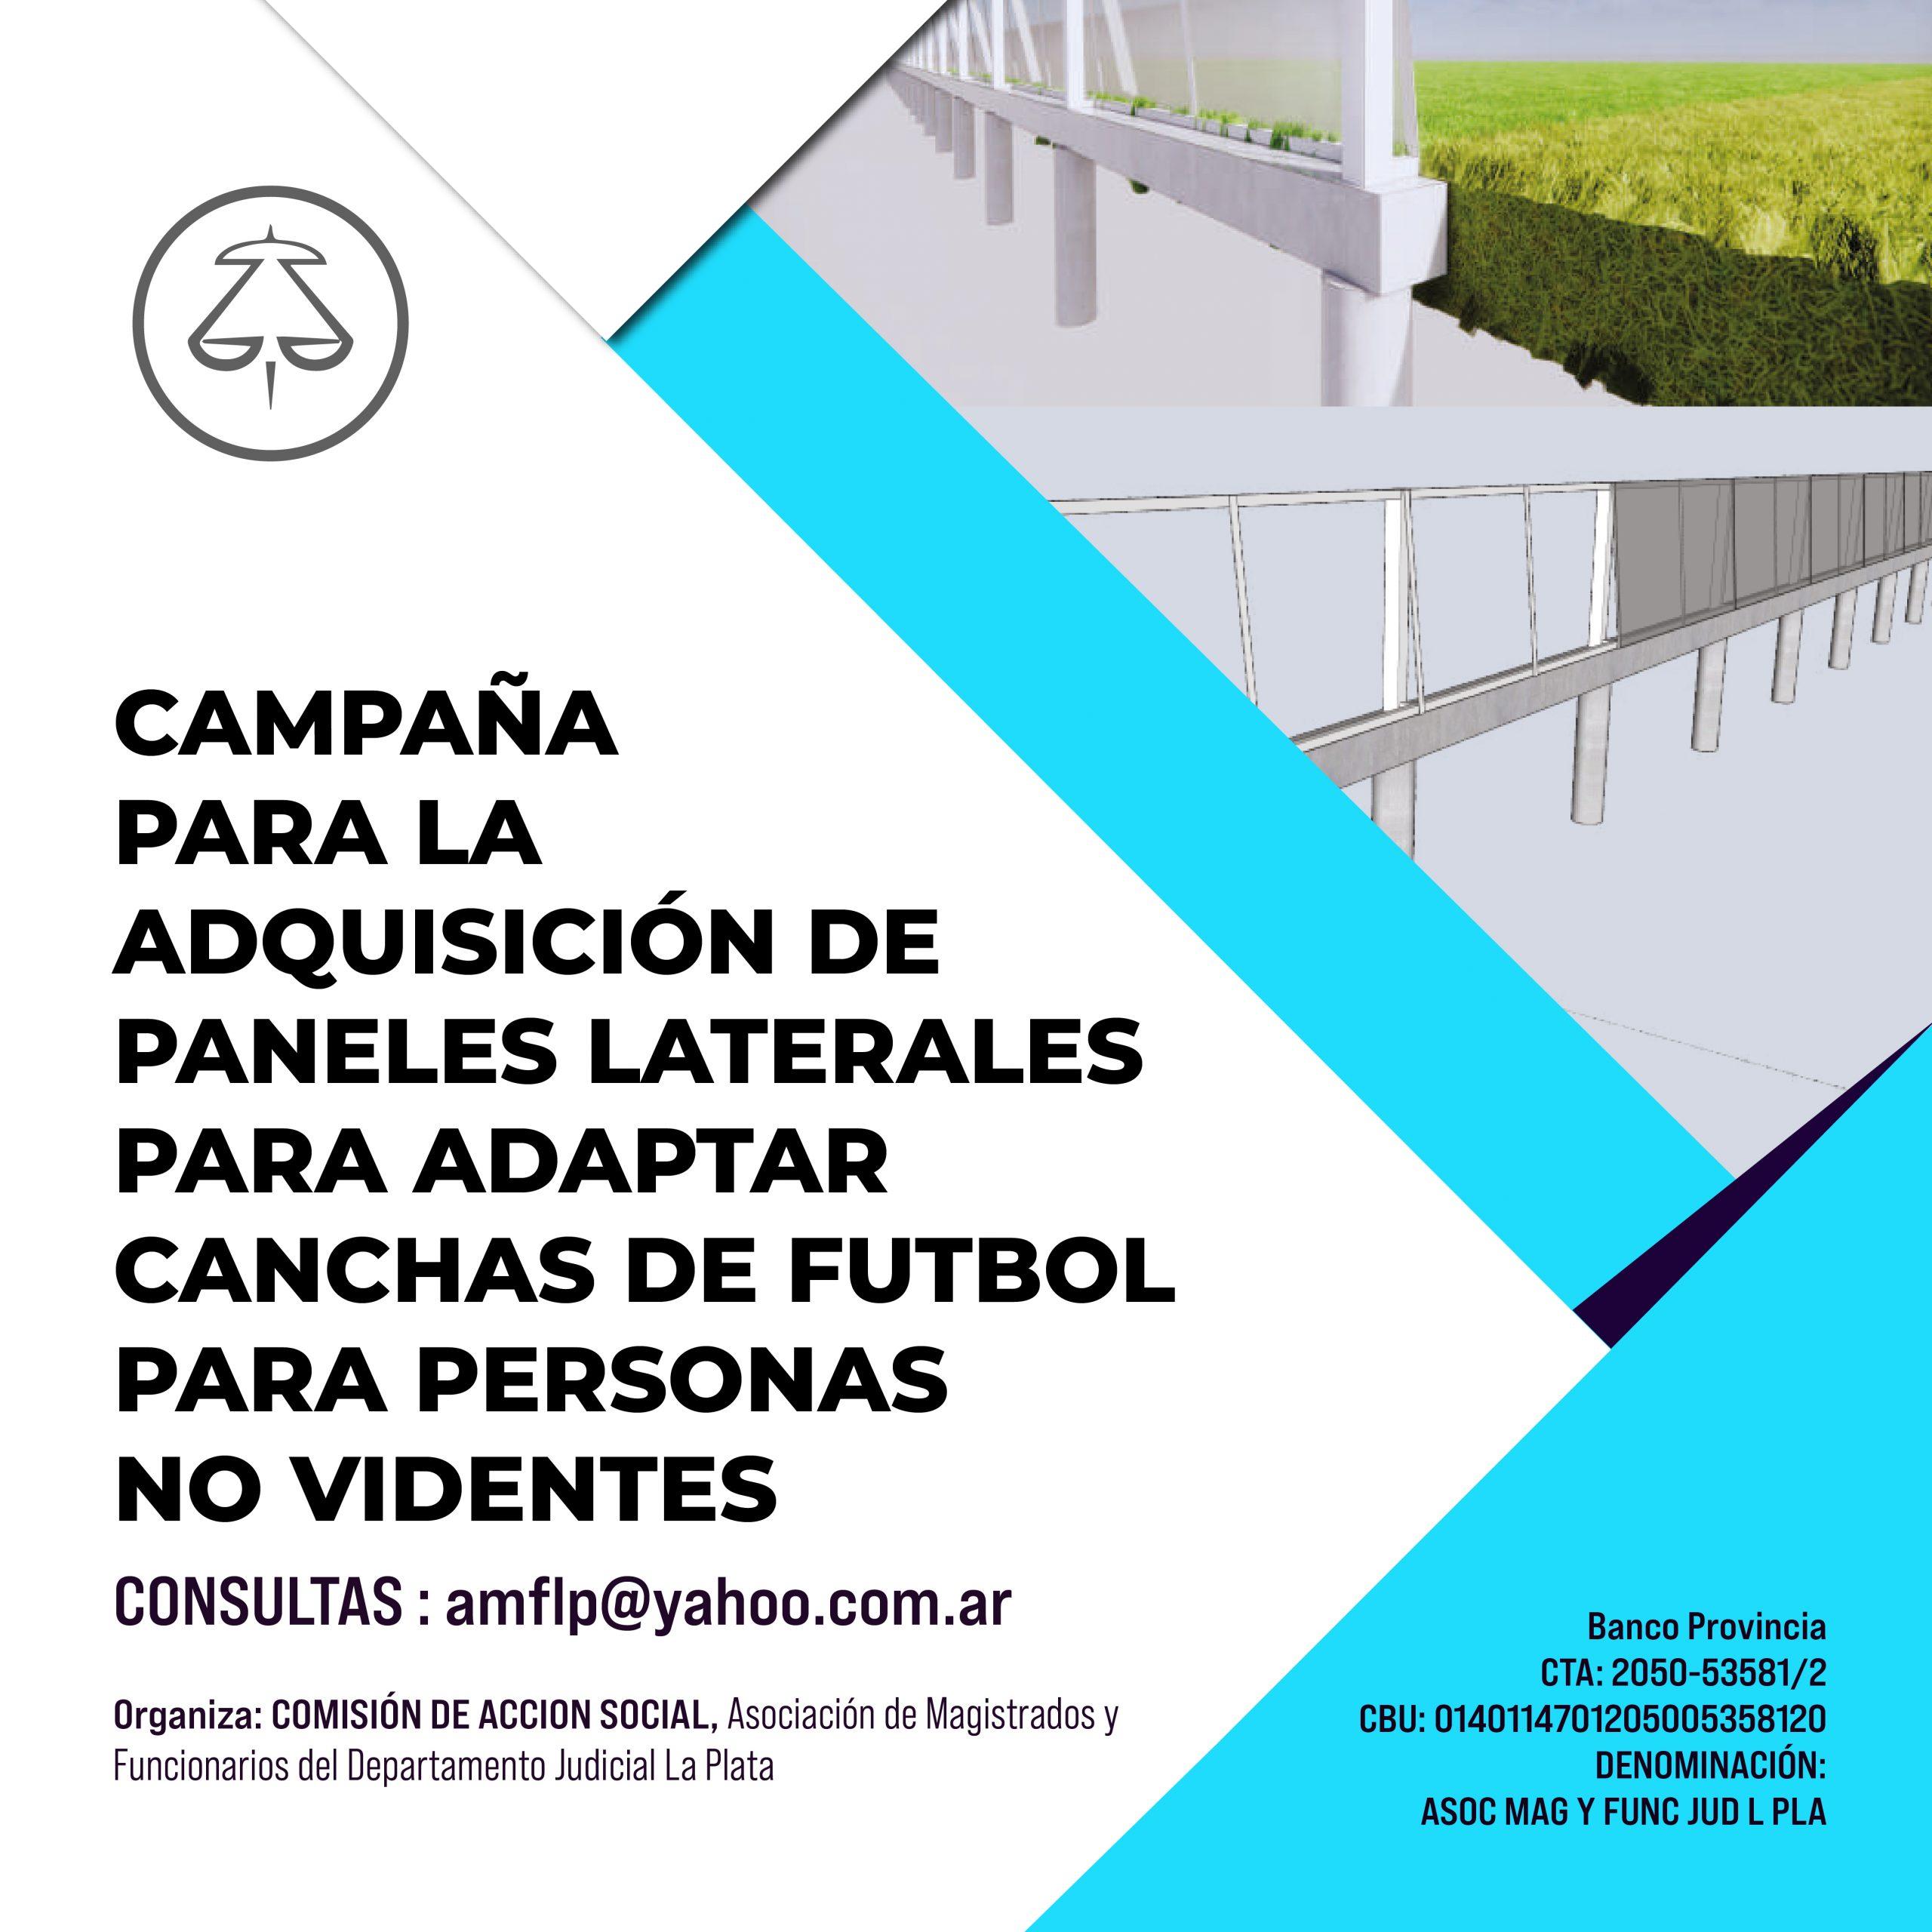 CAMPAÑA PARA LA ADQUISICIÓN DE PANELES LATERALES PARA ADAPTAR CANCHAS DE FUTBOL PARA PERSONAS NO VIDENTES.